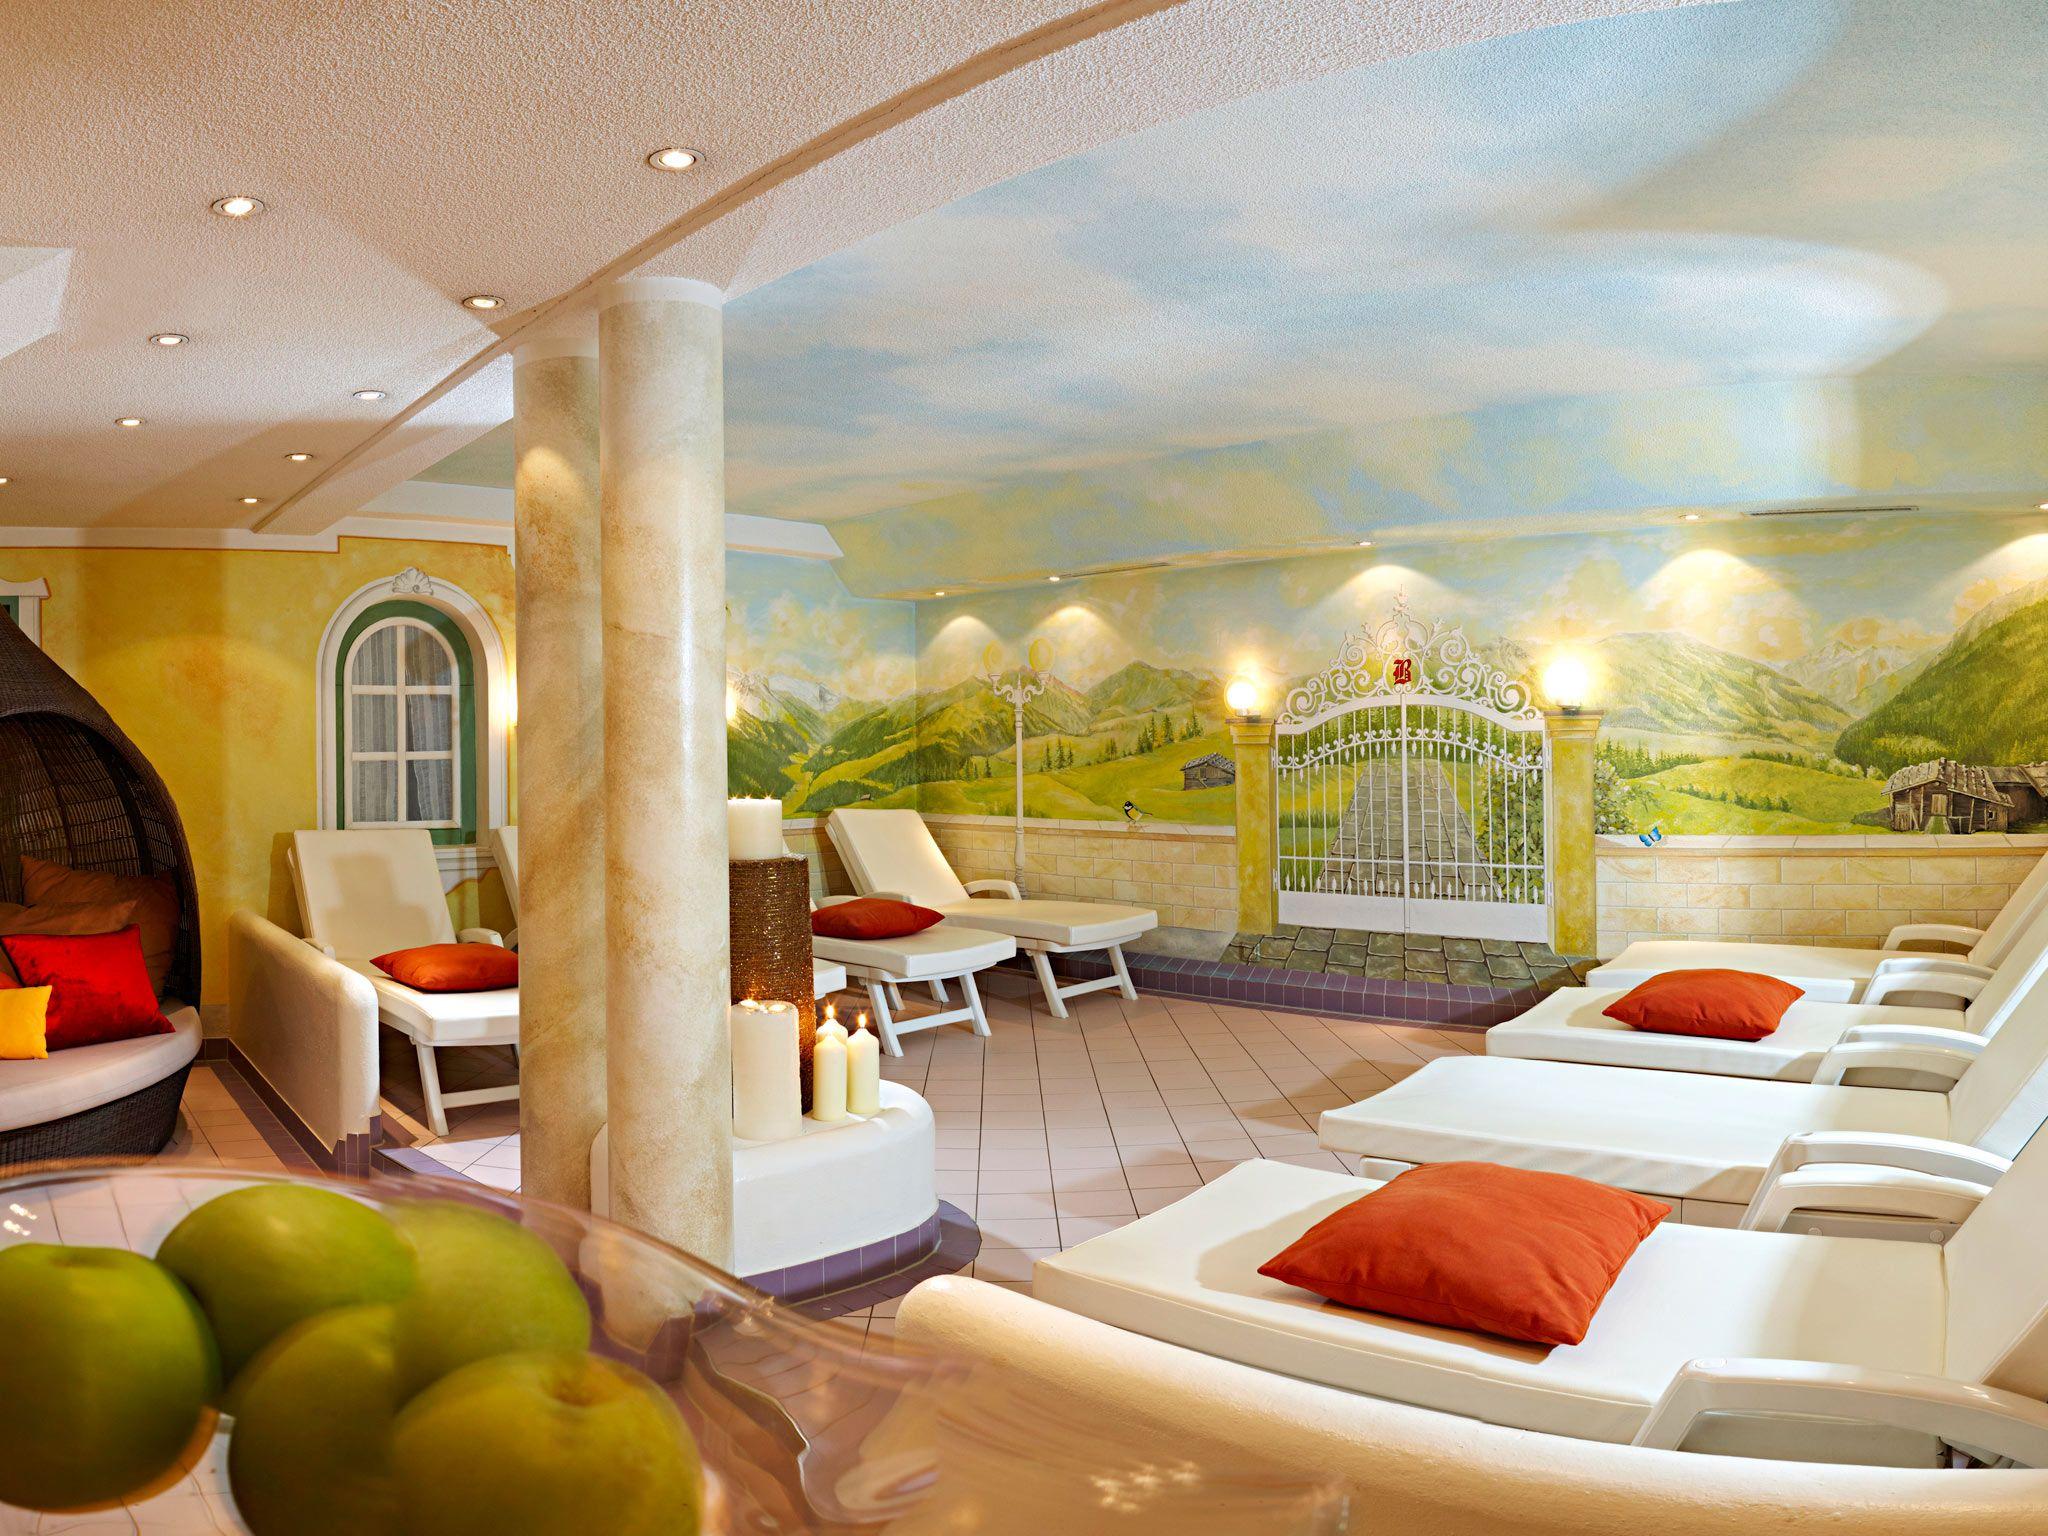 Großzügige Ruhezonen mit Vitamin - Ecke im Wellnesshotel Bergland in Hintertux. #massage #beauty #entspannung #ruhe #wellnessbehandlung #relaxen #wellness #spa #zillertal #wellnesshotel_bergland #alpine_spa #ruheraum #vitaminbar